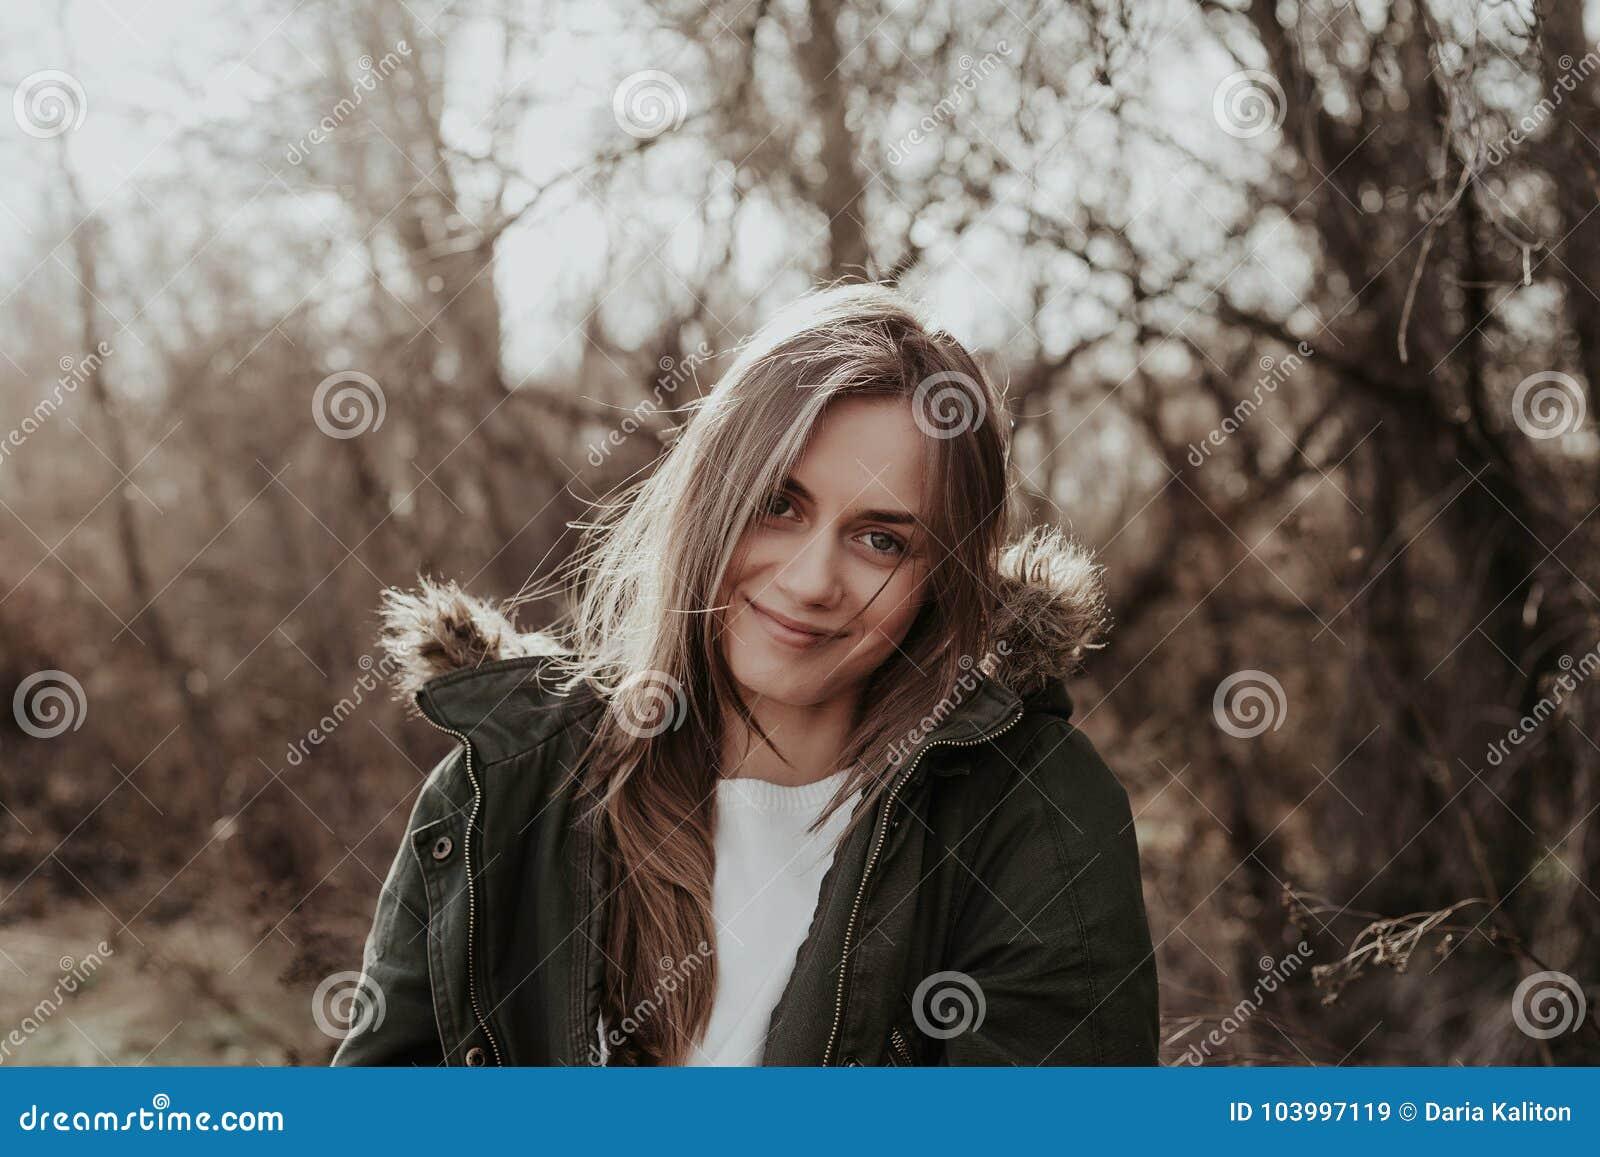 Hübsche Frau in der warmen Jacke mit Pelz posint an der Kamera im Freien